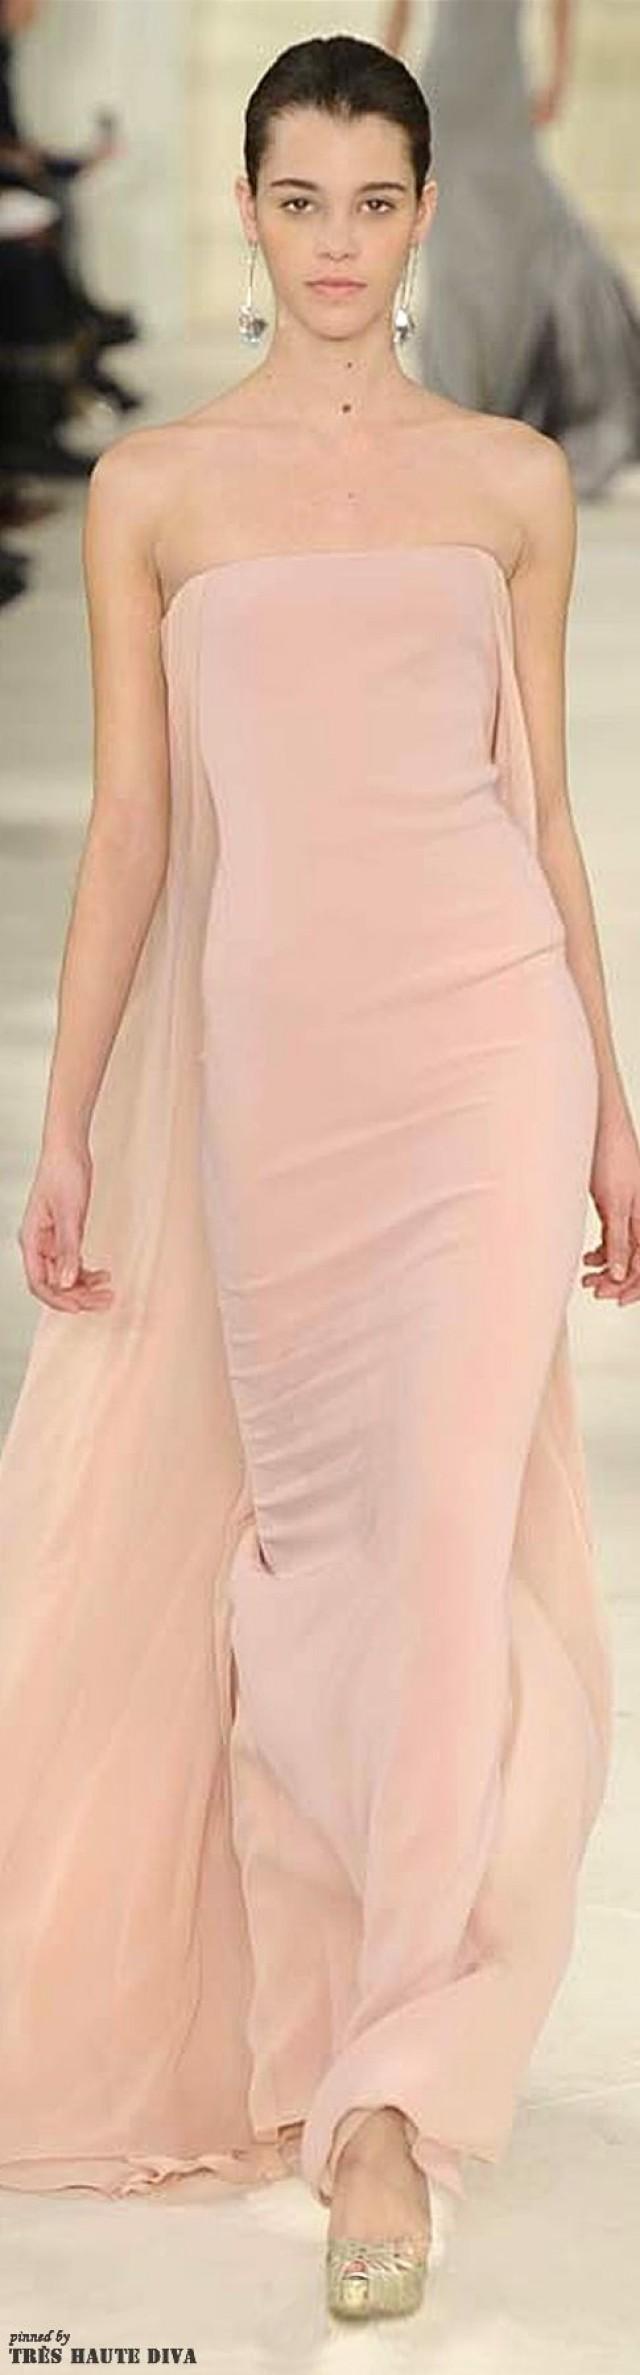 pastell hochzeit kleider pastell rosa 2086118. Black Bedroom Furniture Sets. Home Design Ideas